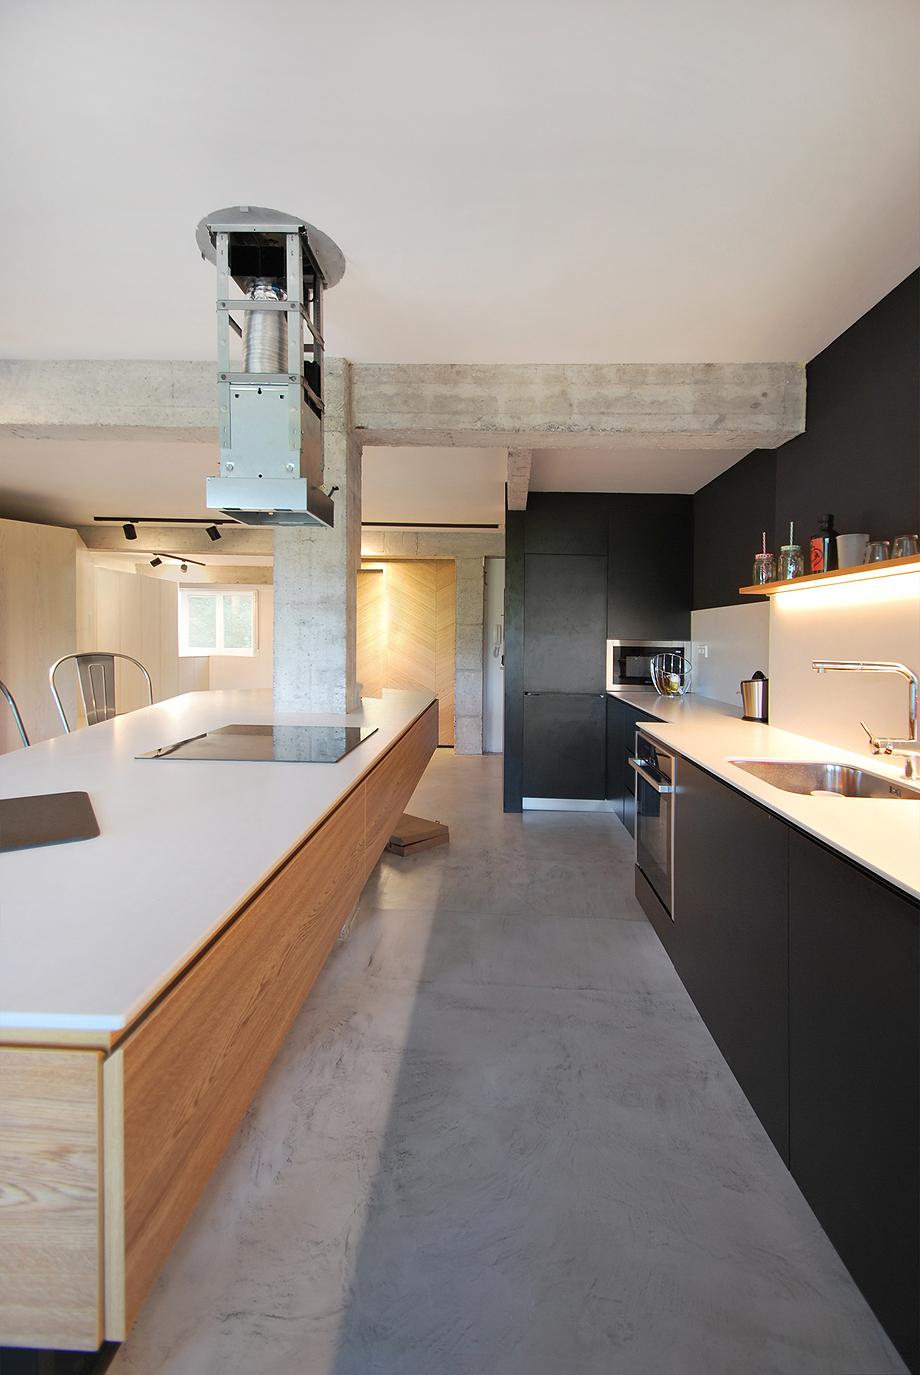 apartamento AB en beasain de mappa arquitectos (14)